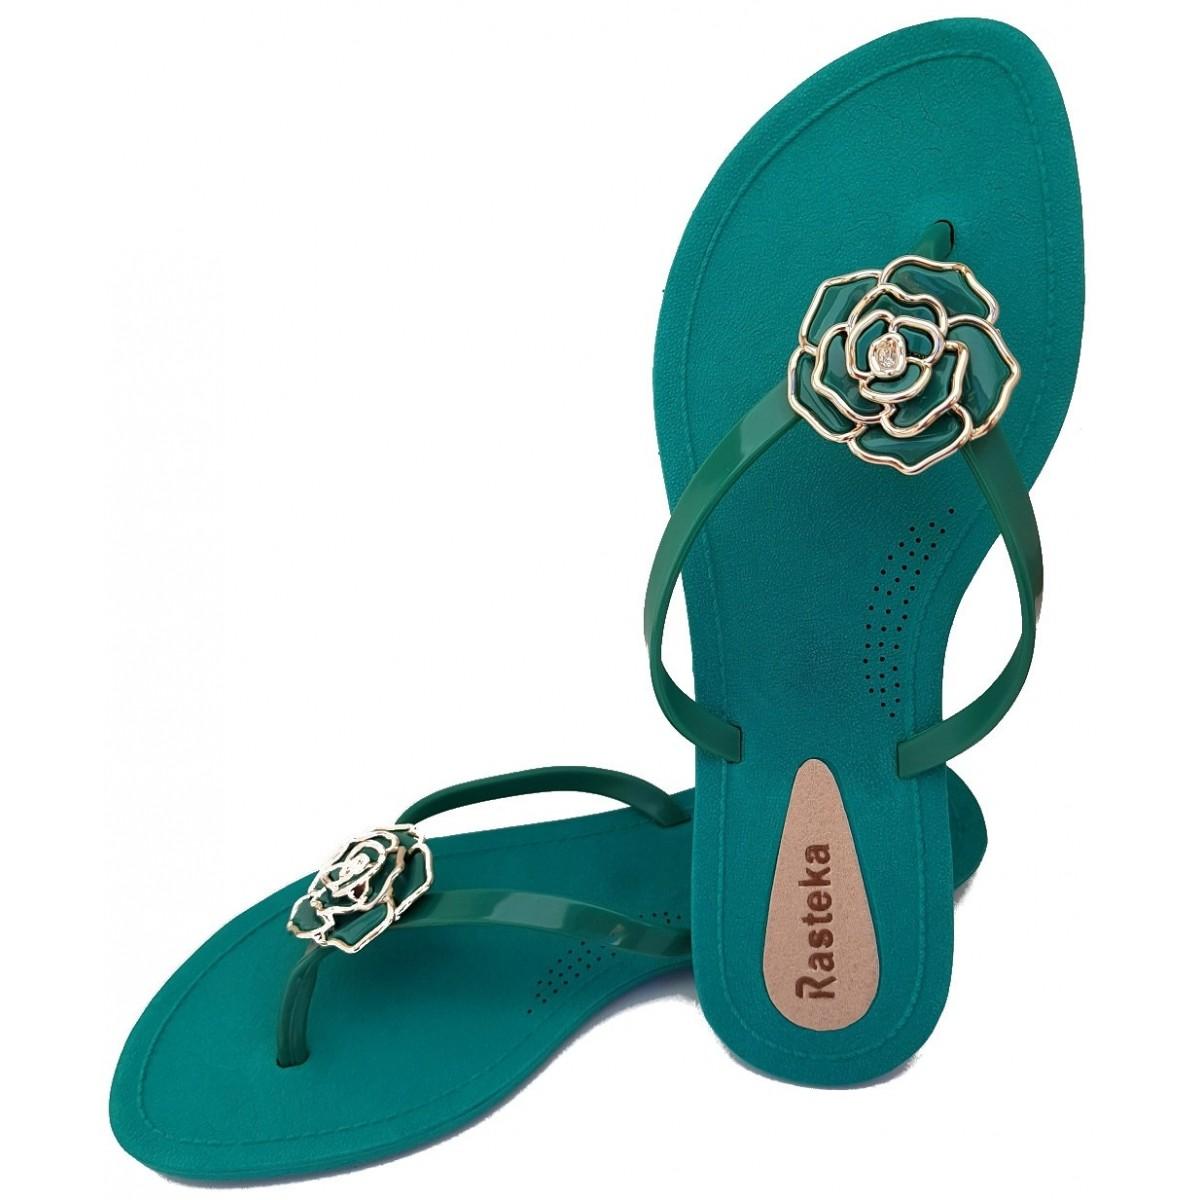 Sandália Rasteira Rasteka Super Confortável Verde Flor Verde e Prata  - ShopNoroeste.com.br